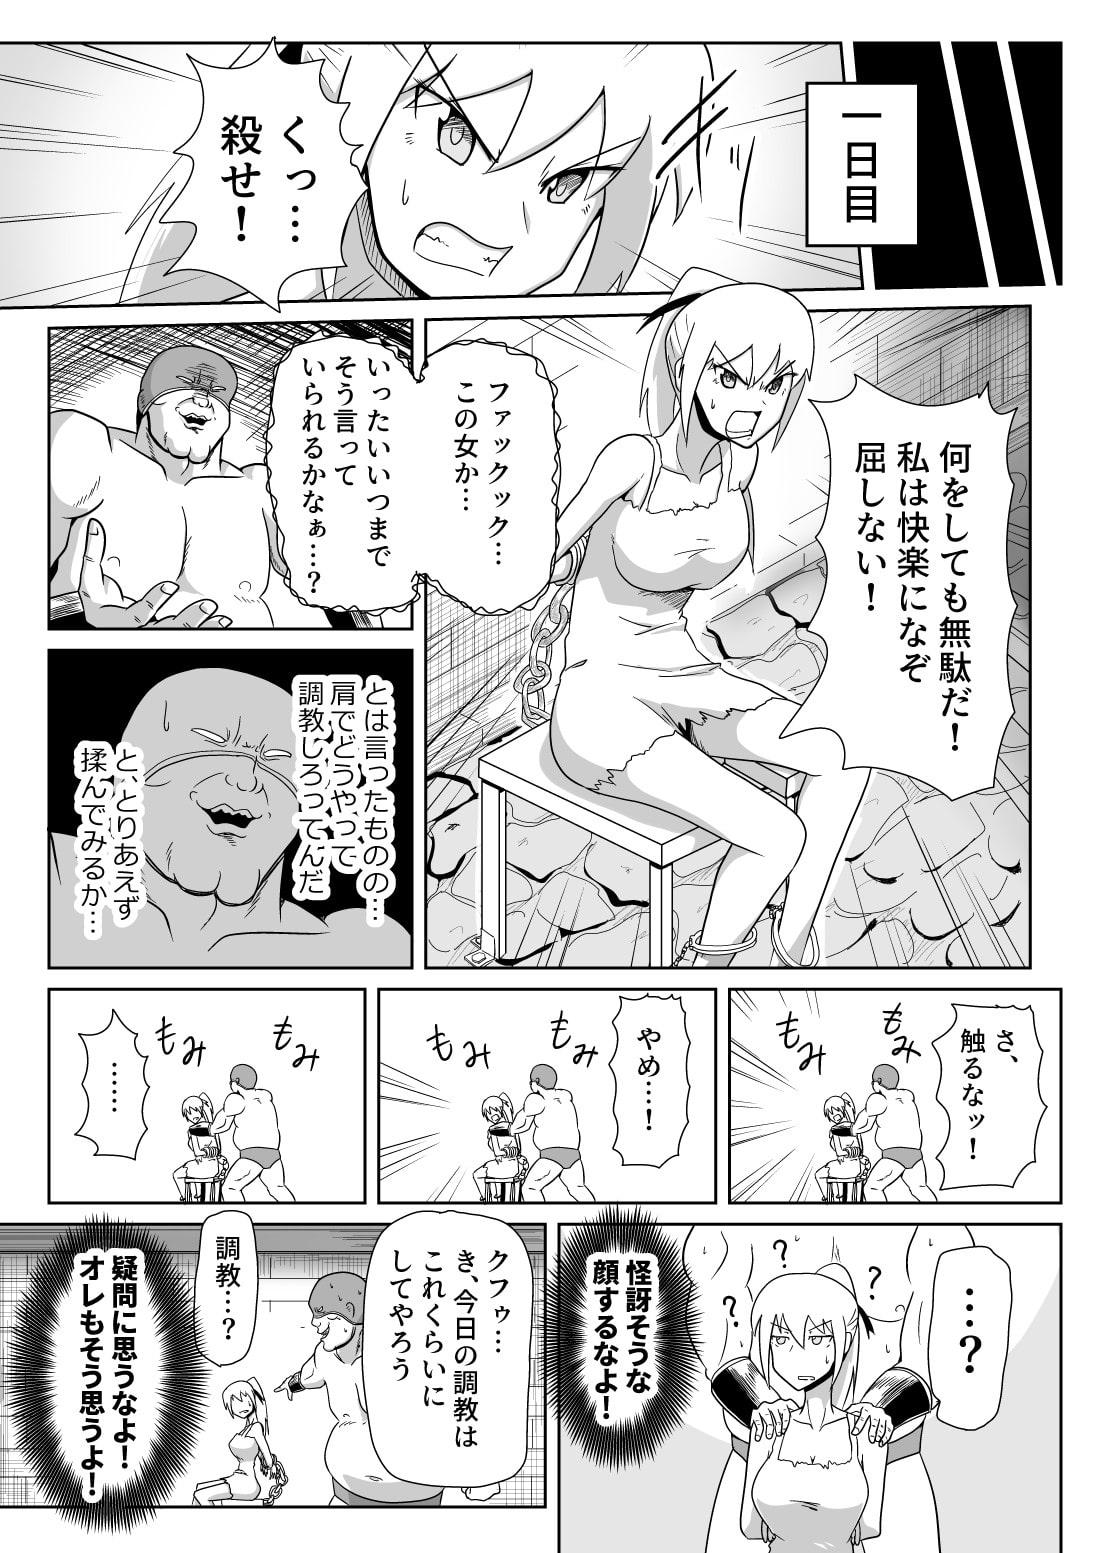 暗黒女体調教師 猿渡 まとめ本